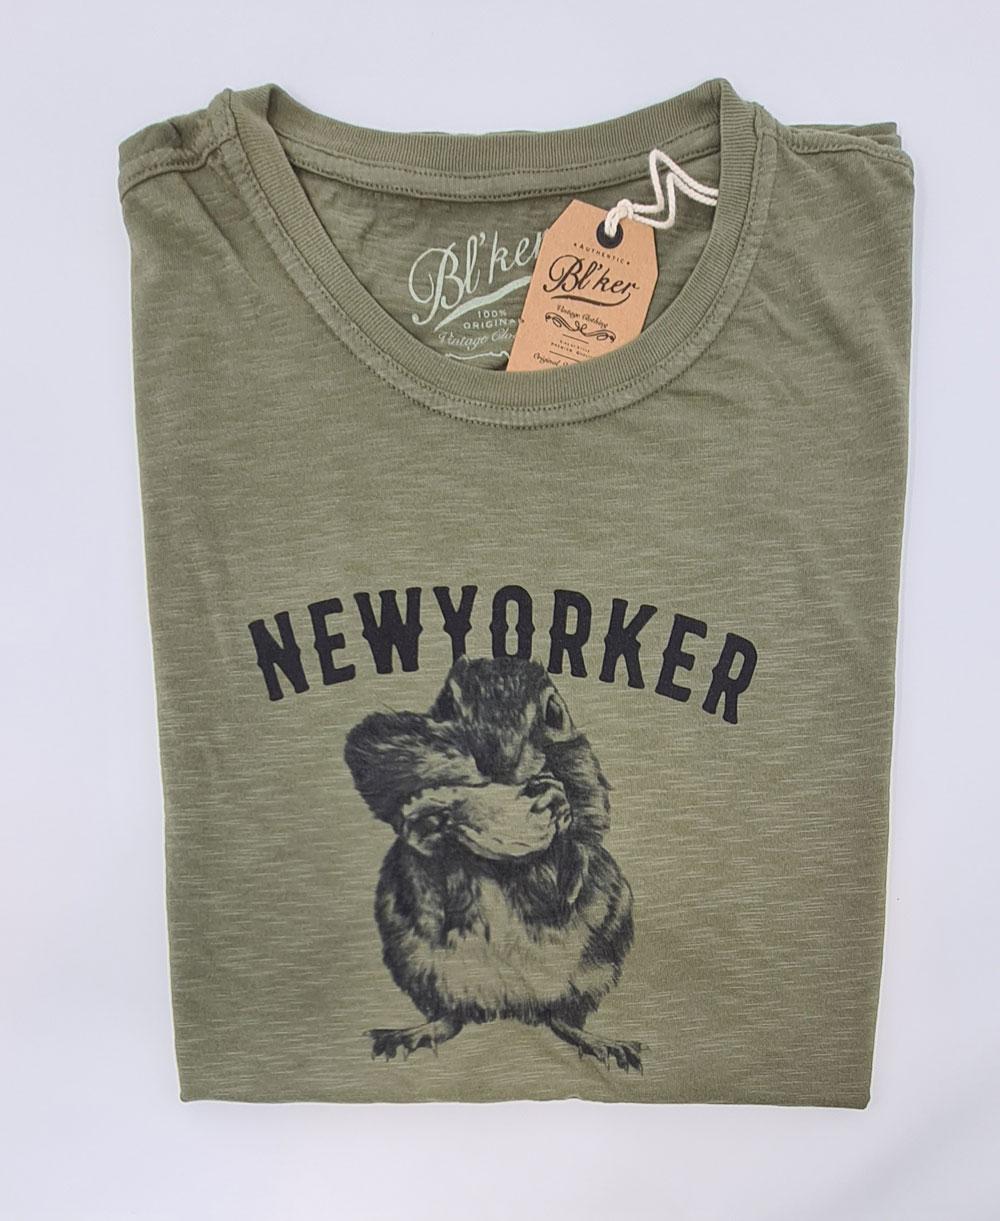 New Yorker Chesnut T-Shirt Manica Corta Uomo Military Green